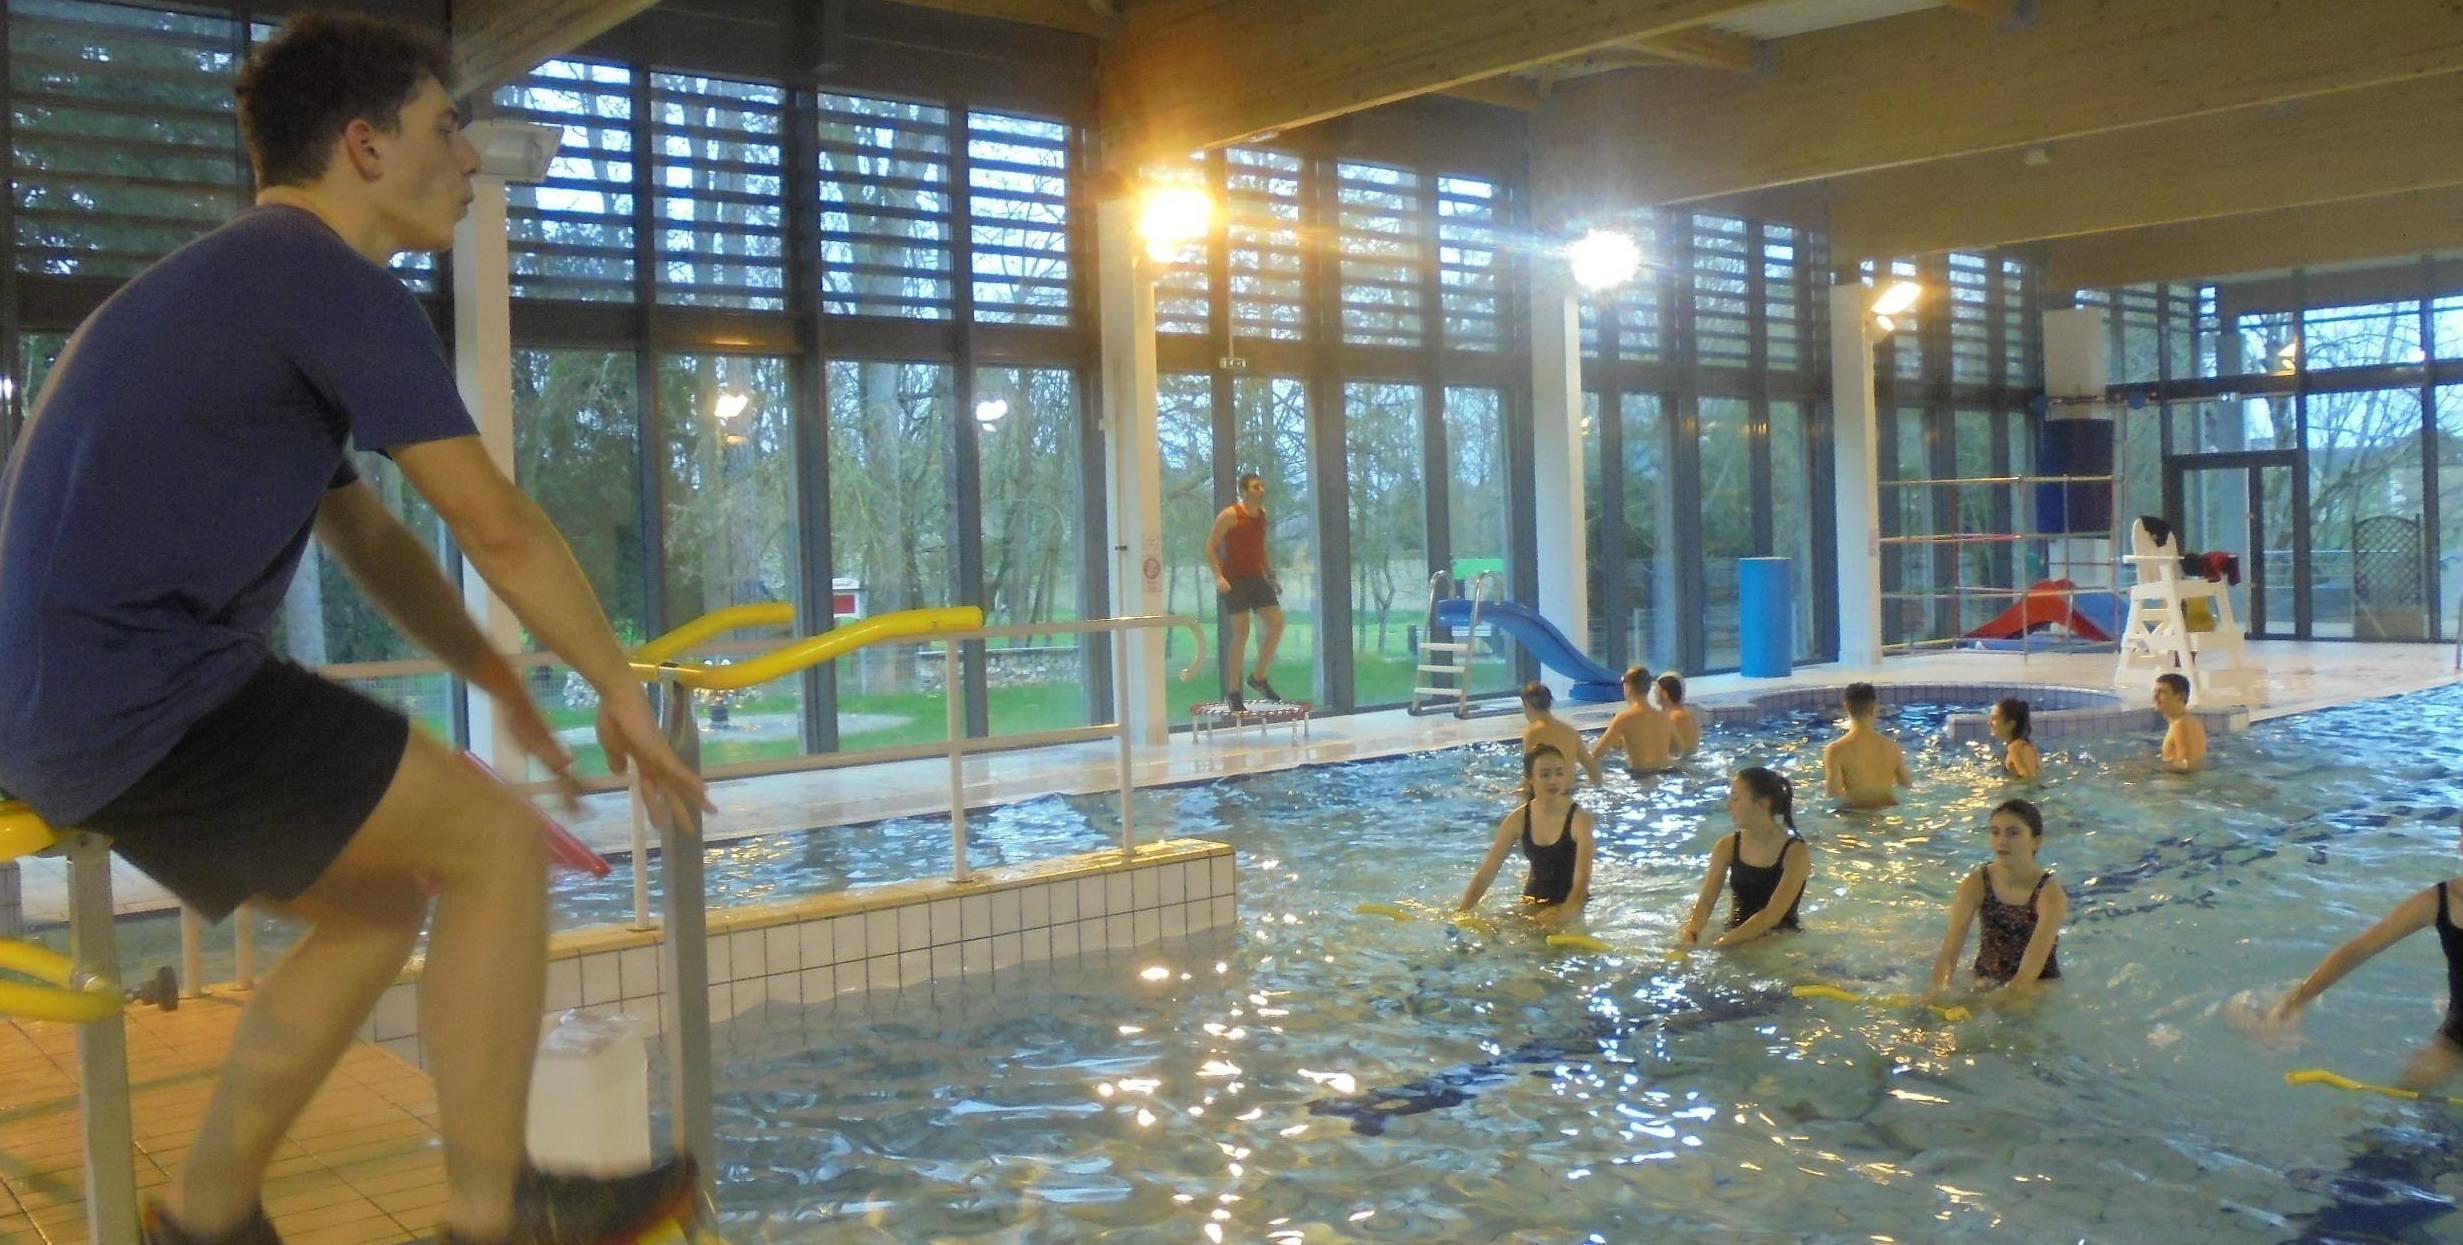 Piscine : À La Découverte Des Métiers Aquatiques tout Piscine De Lencloitre